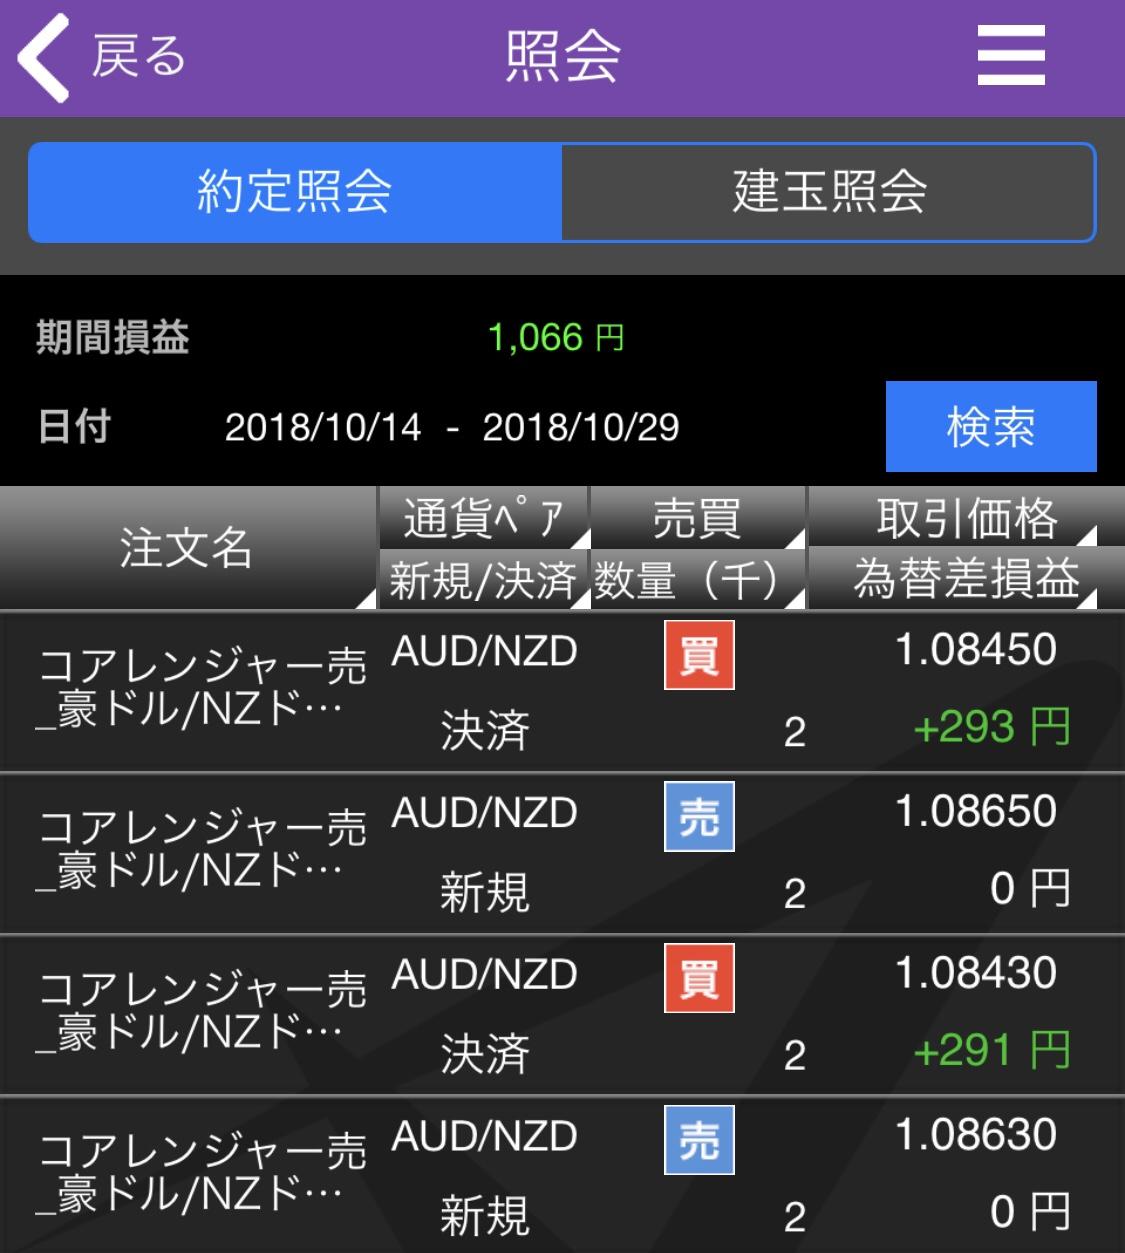 トライオートFXコアレンジャー豪ドル/NZドル約定画面